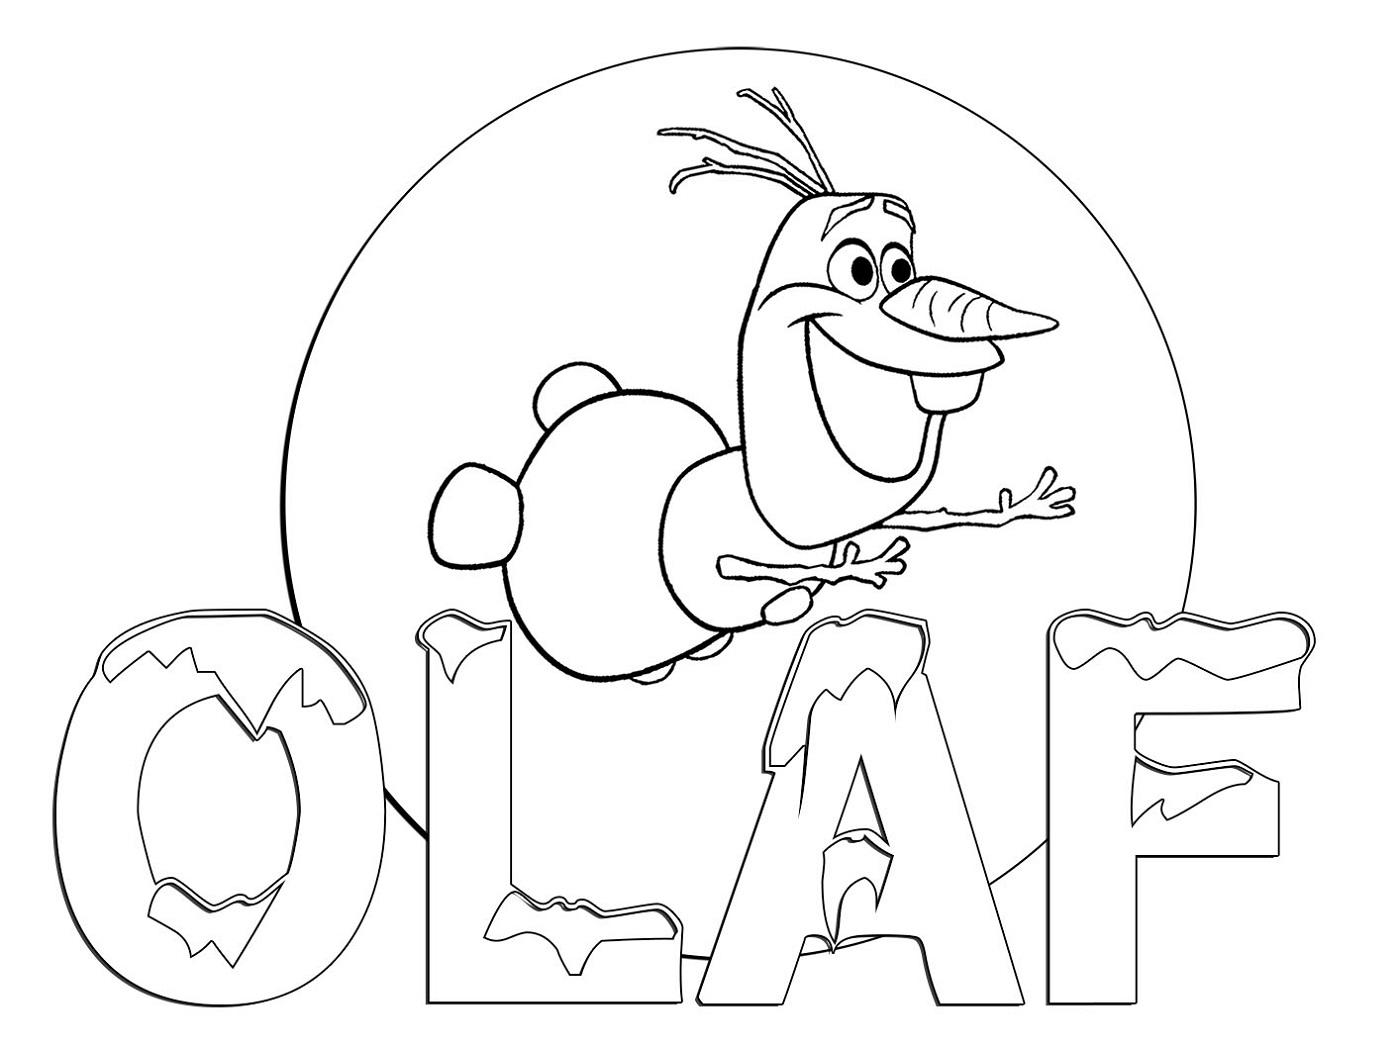 Coloring Worksheets for Children